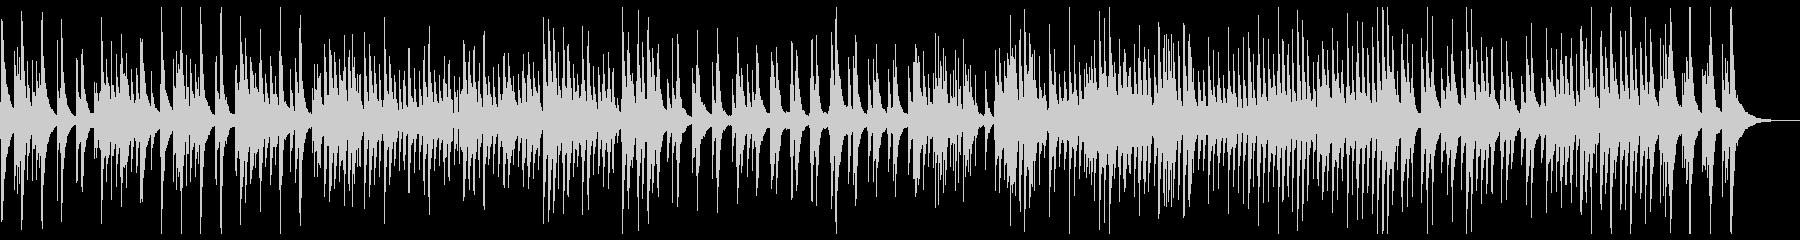 メンデルスゾーン「春の歌」ウクレレカバーの未再生の波形